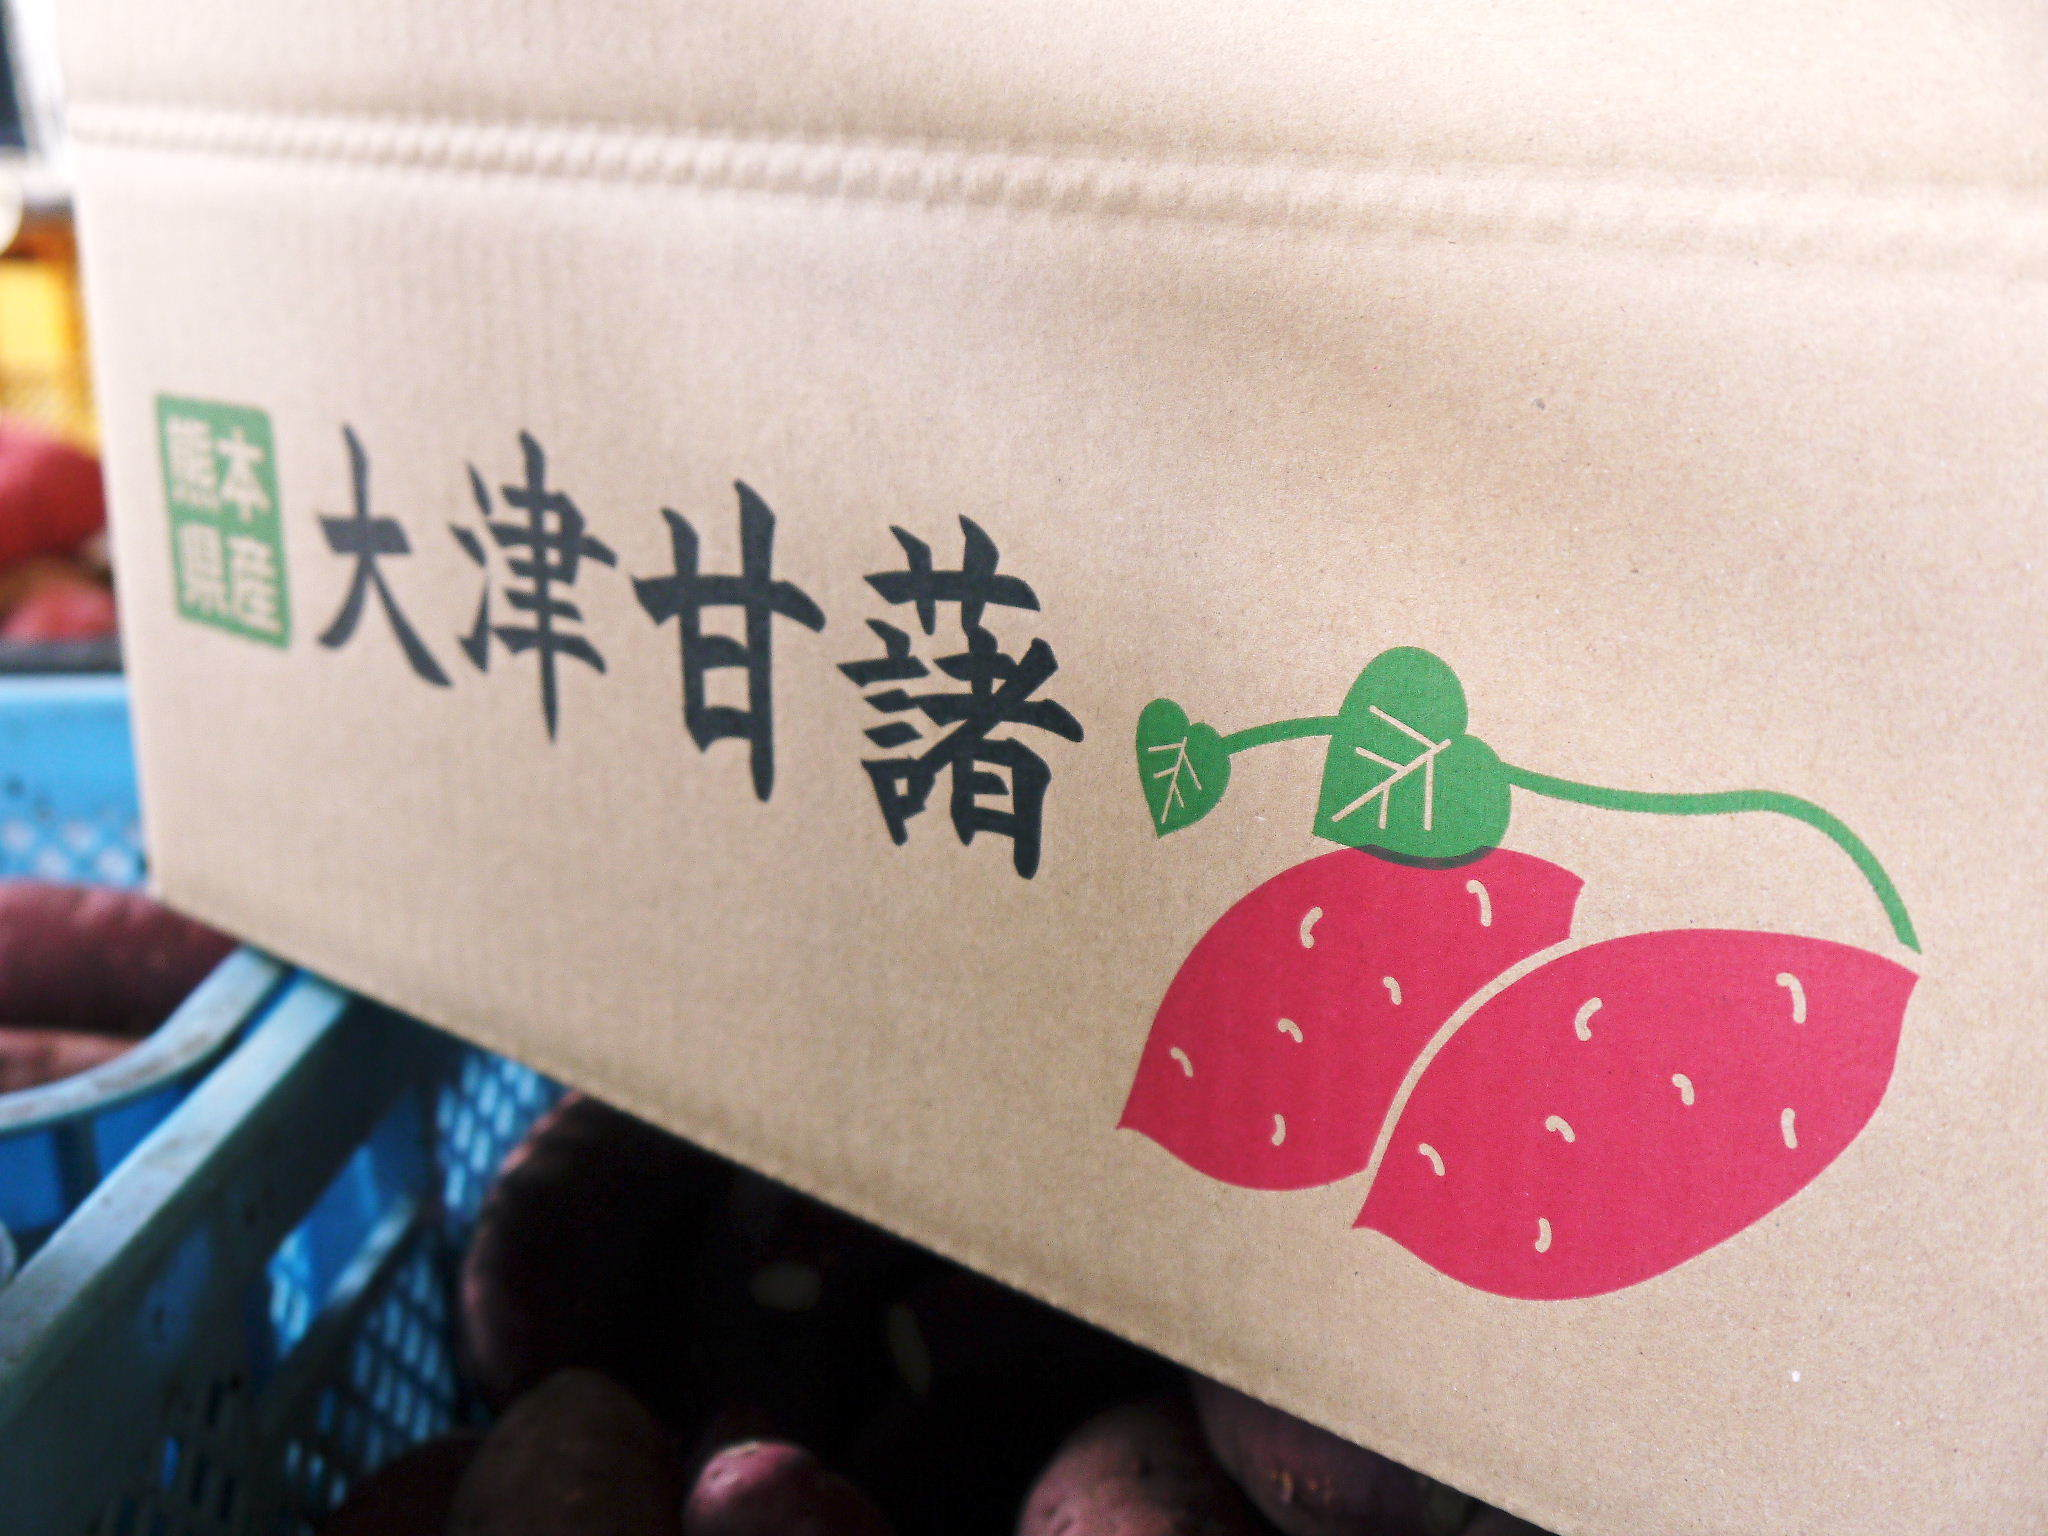 熊本産大津甘藷『からいも(サツマイモ)』の販売に向け、生産農家を現地取材(後編)_a0254656_17182982.jpg